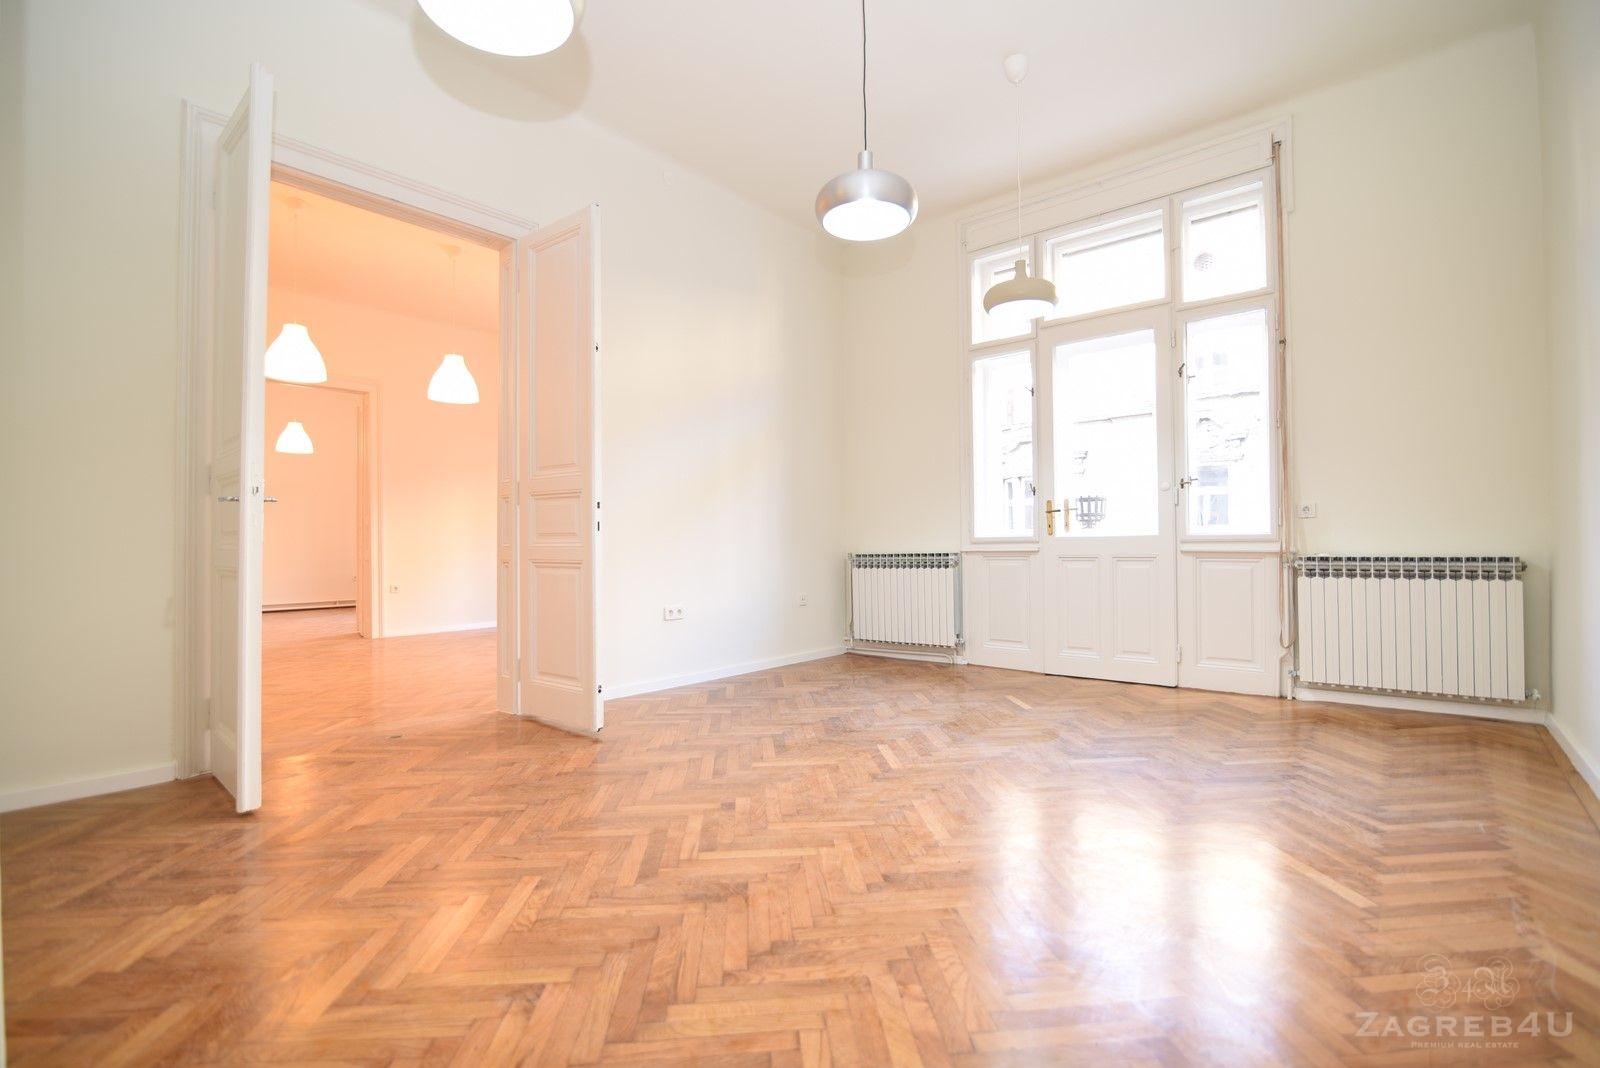 Zagreb - Centar - 4-sobni prostor za najam (110 m2)+balkon - Đorđićeva